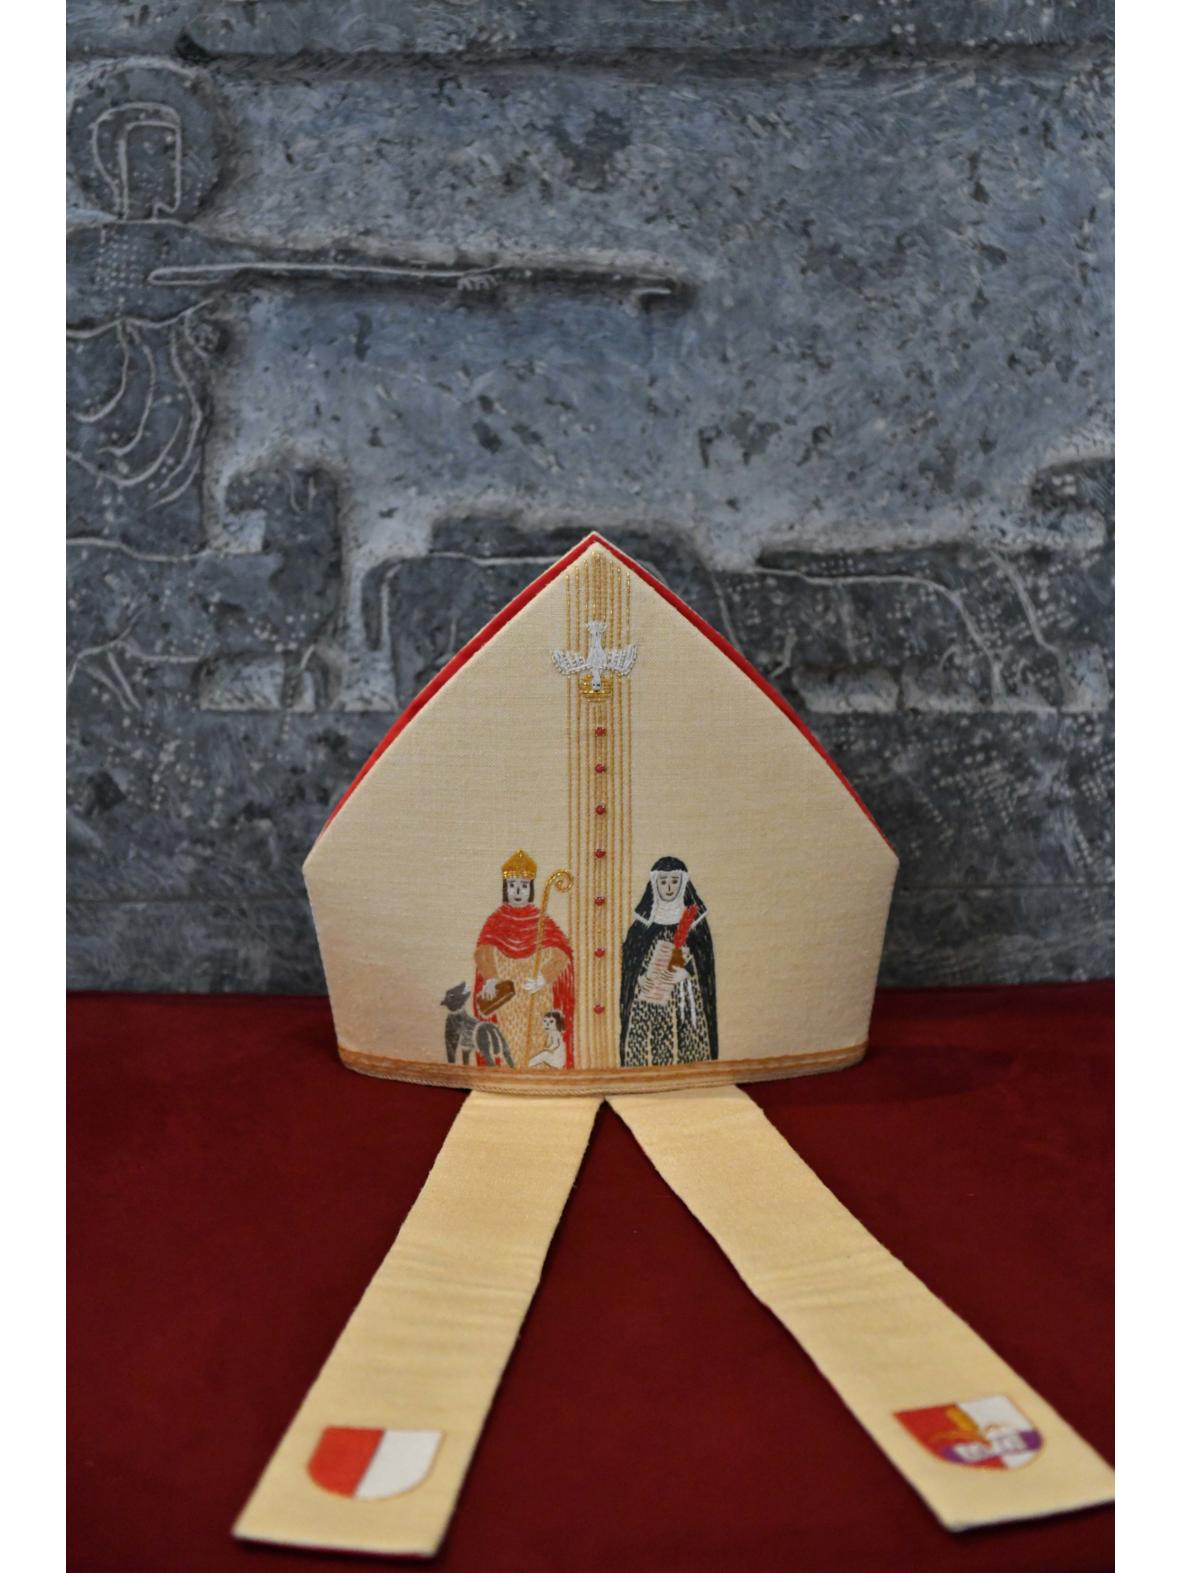 Die Mitra von Bischof Bertram - Rückseite (Foto: Daniel Jäckel /pba)